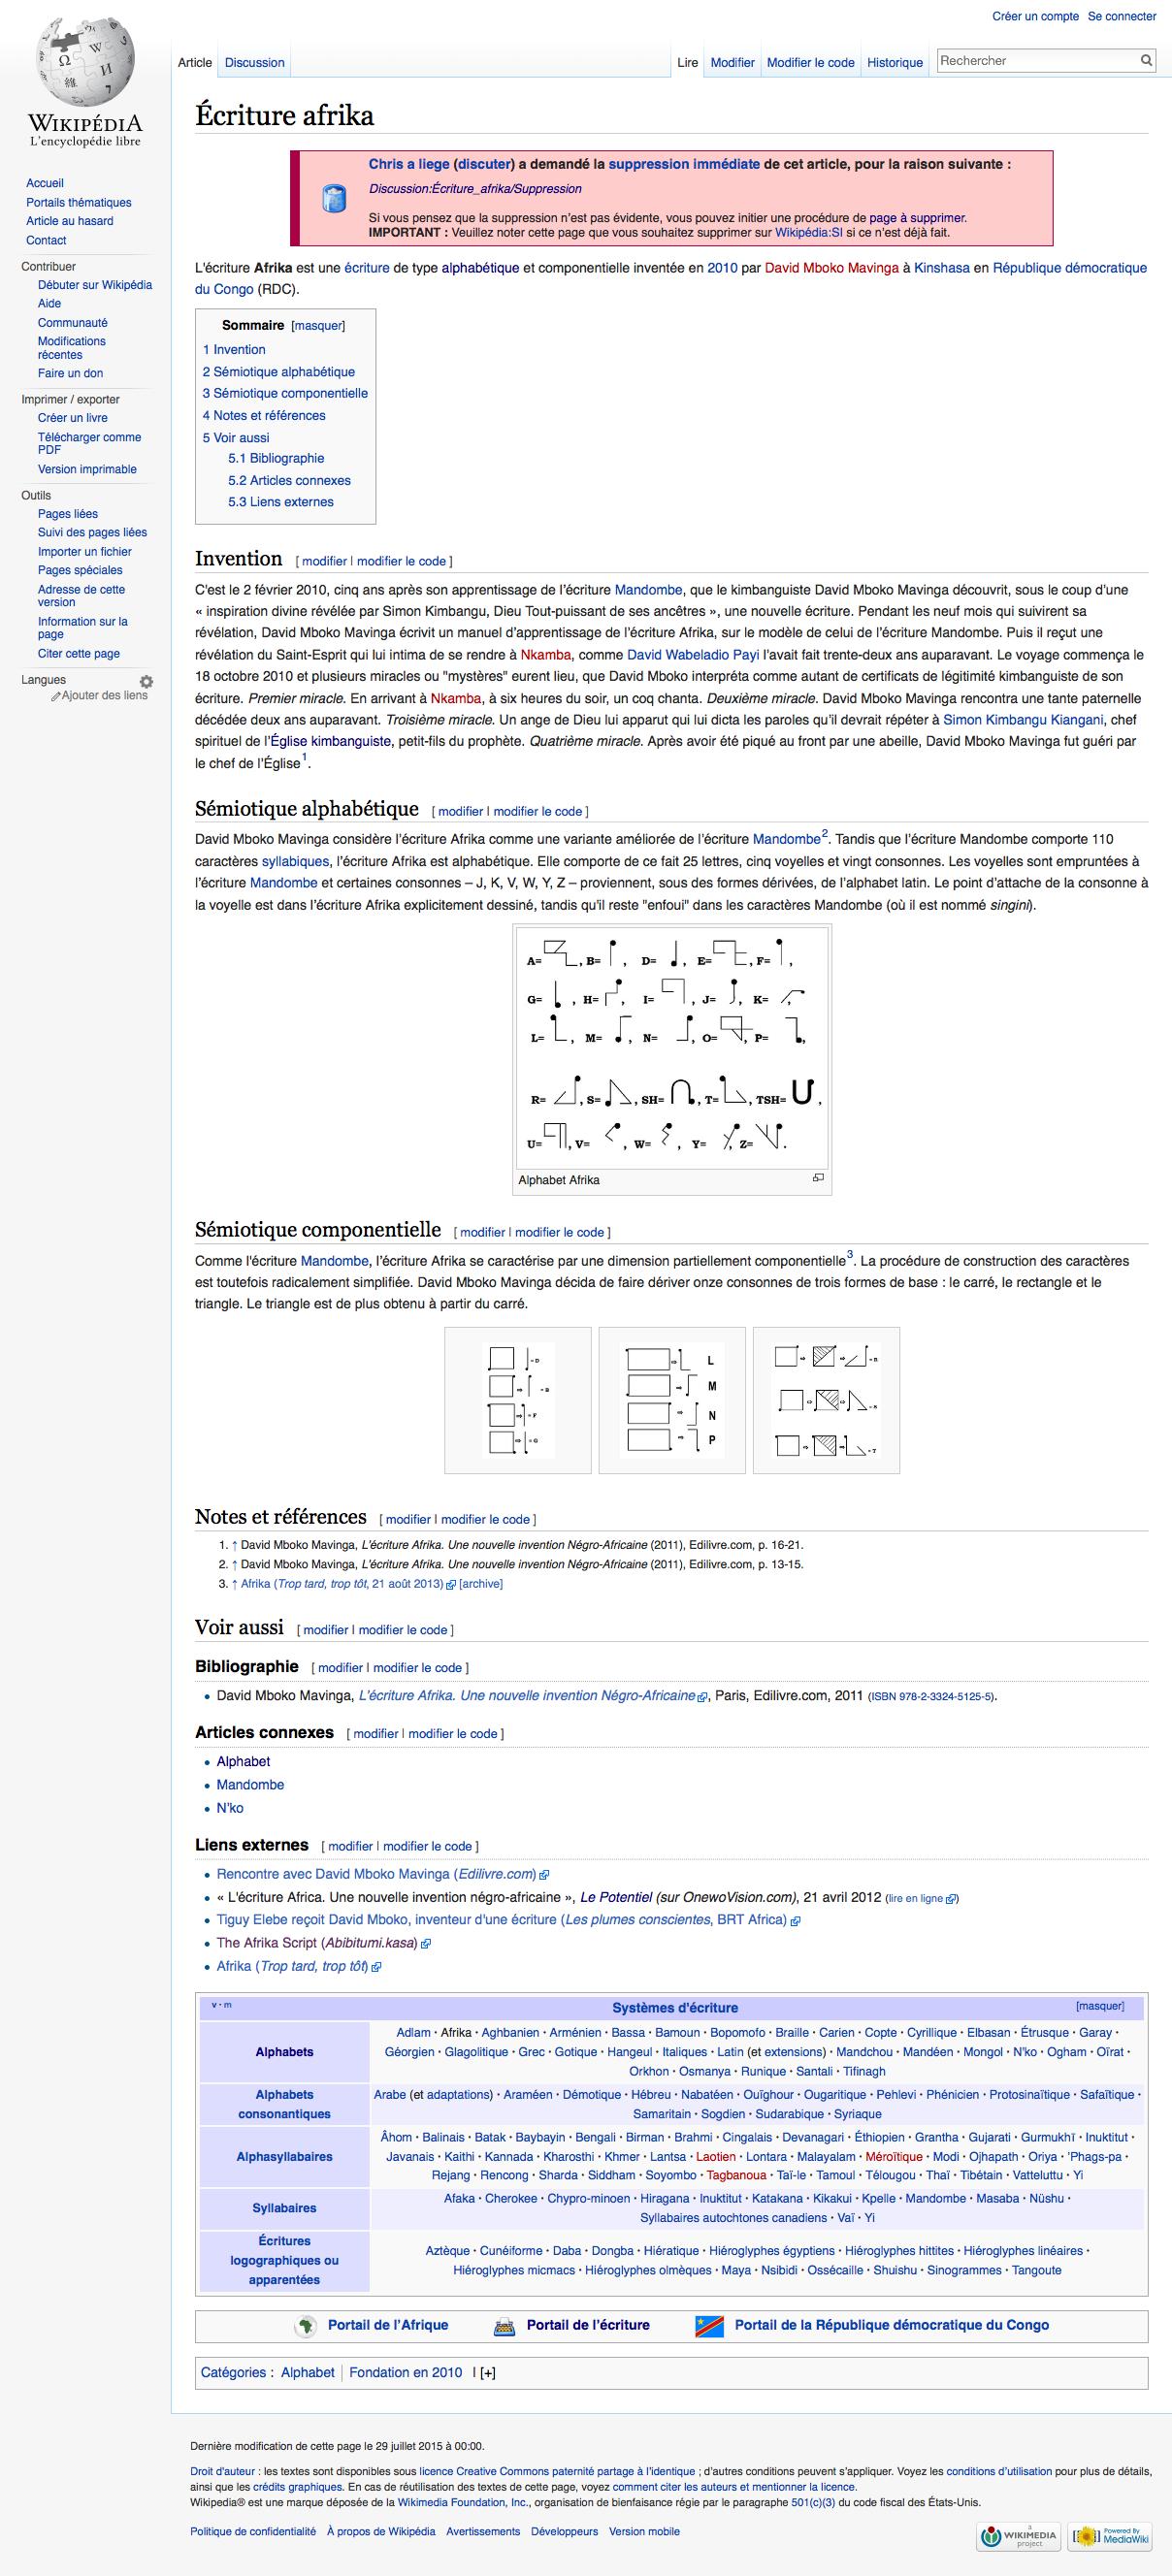 Ecriture afrika — Wikipedia 2015-07-28 20-48-59